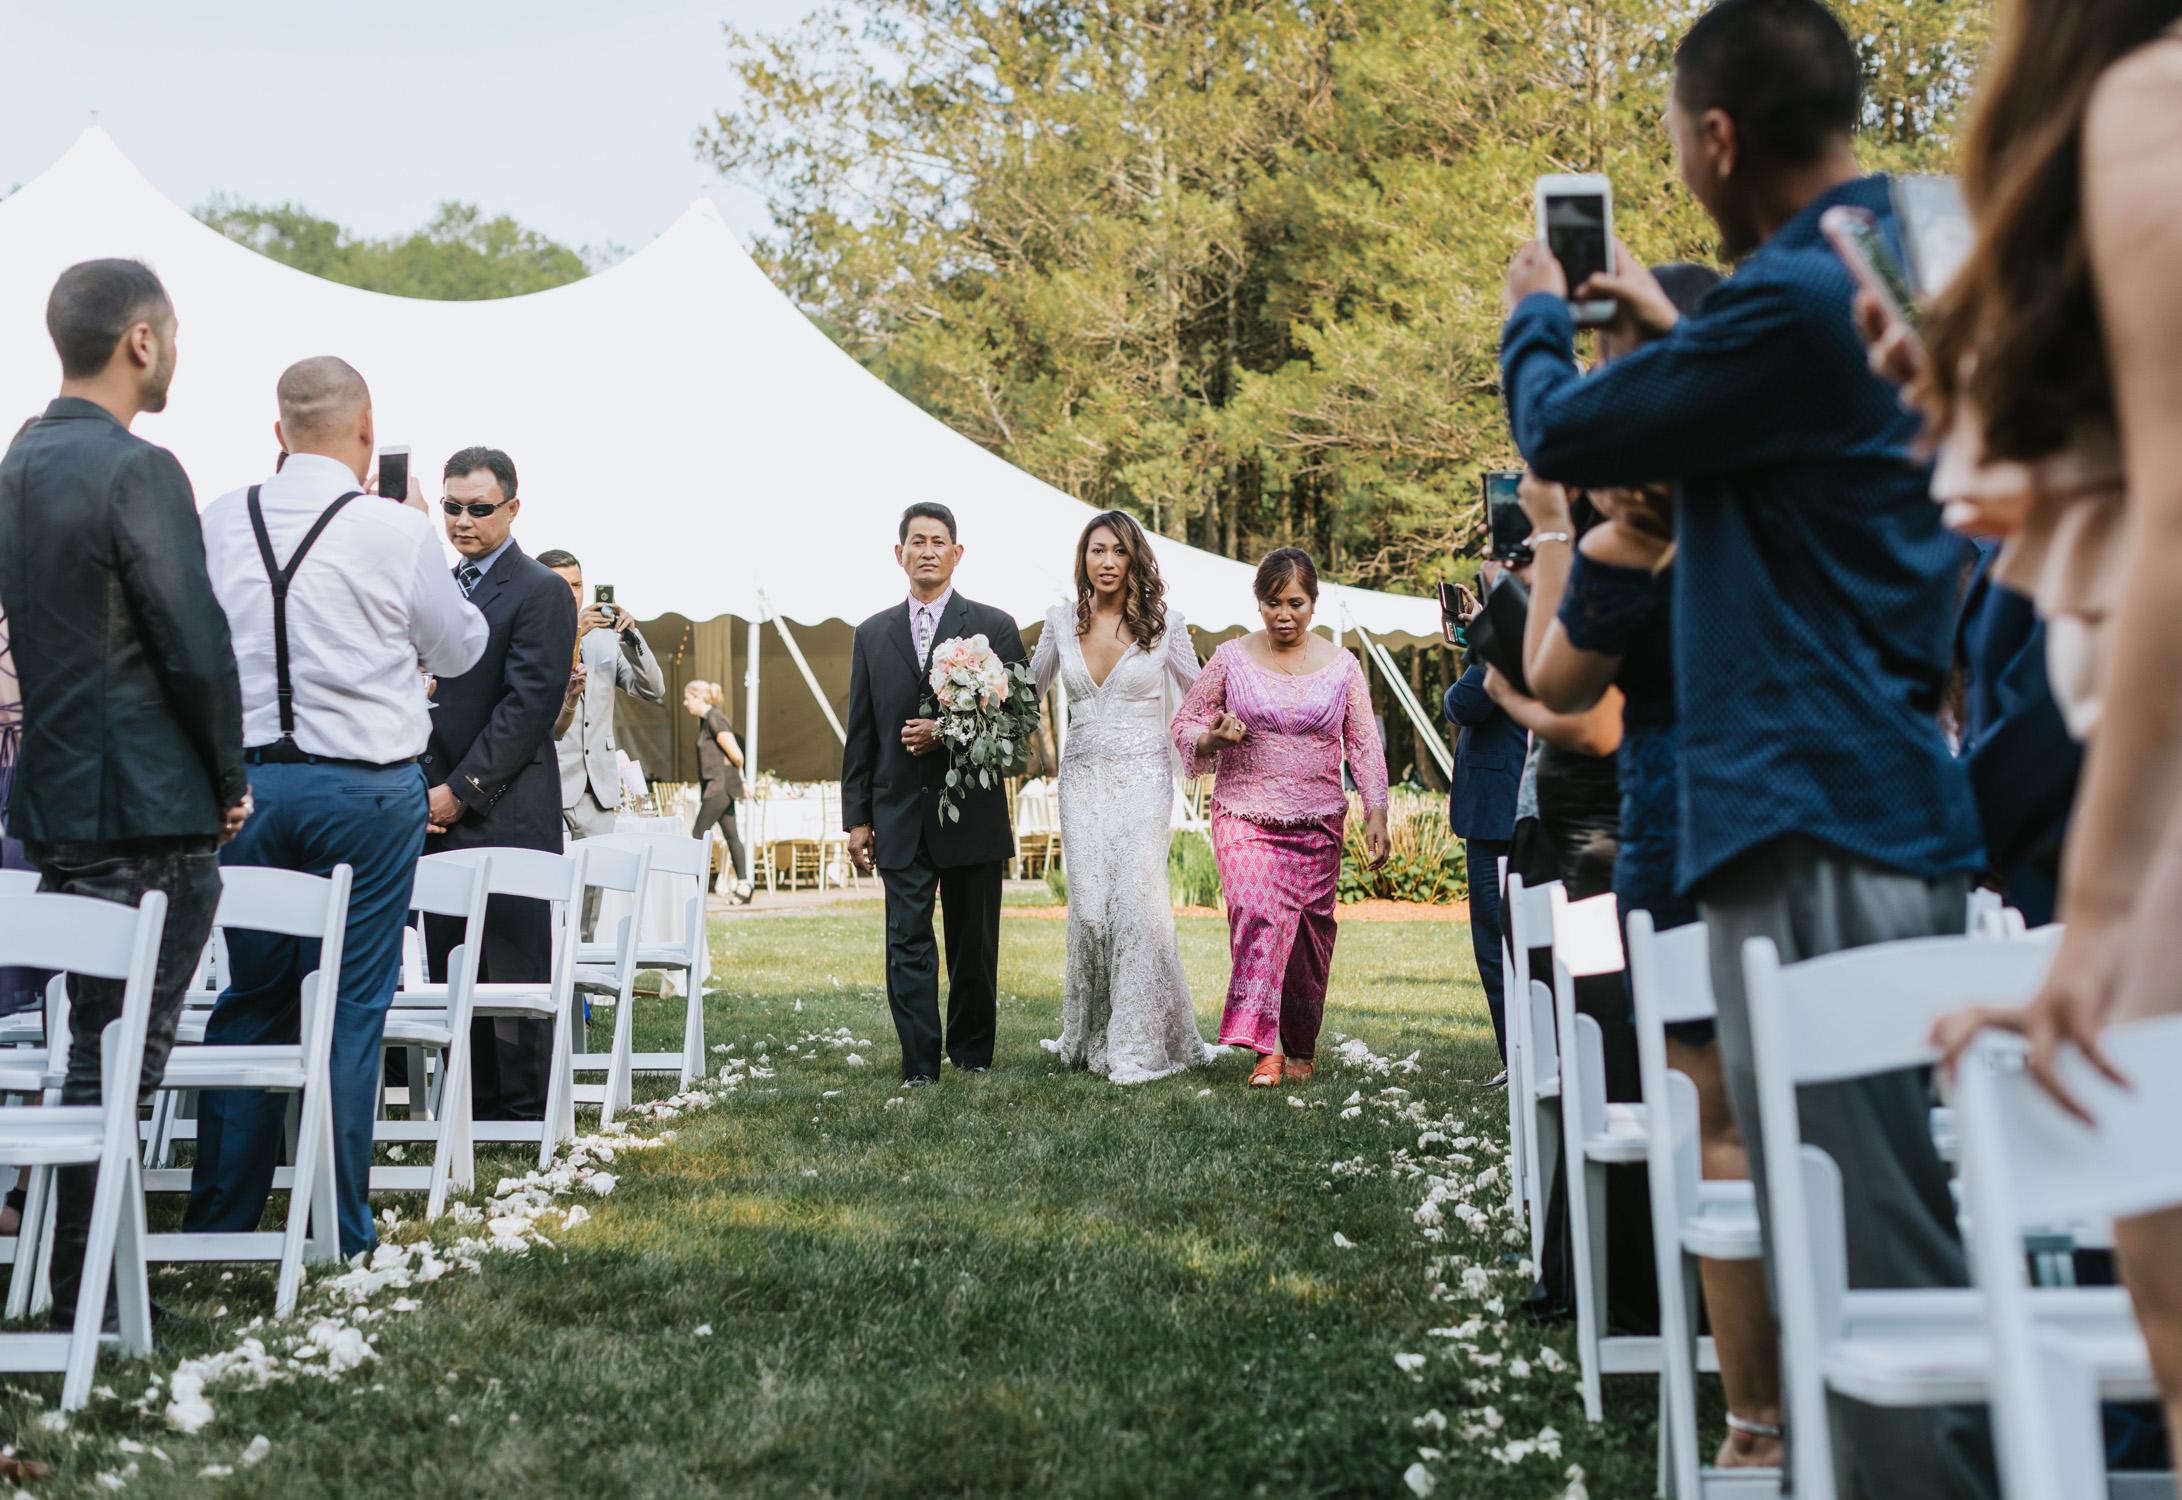 Stevens__Estate_Cambodian_Wedding_Photographer-35.jpg